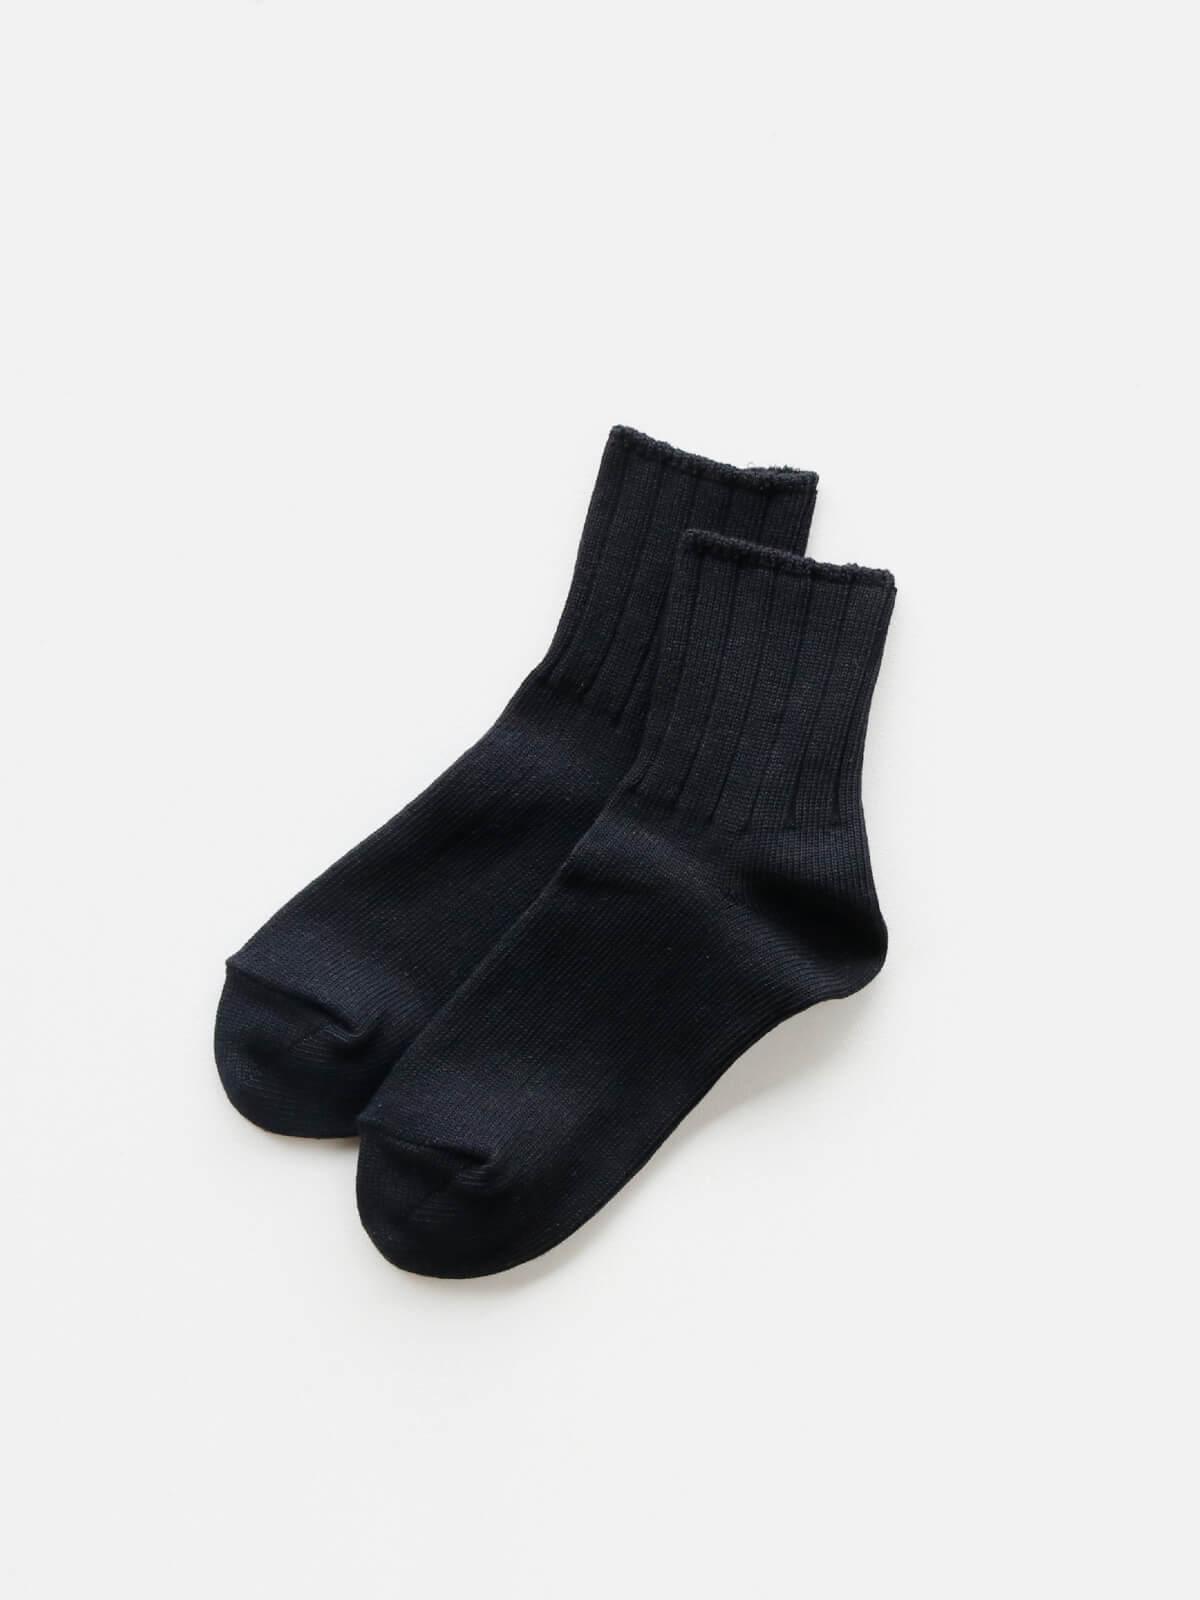 当たりつきギフト専用靴下のLUCKY SOCKS(ラッキーソックス)のSmooth Ankle Socks(スムースアンクルソックス)のブラック_2